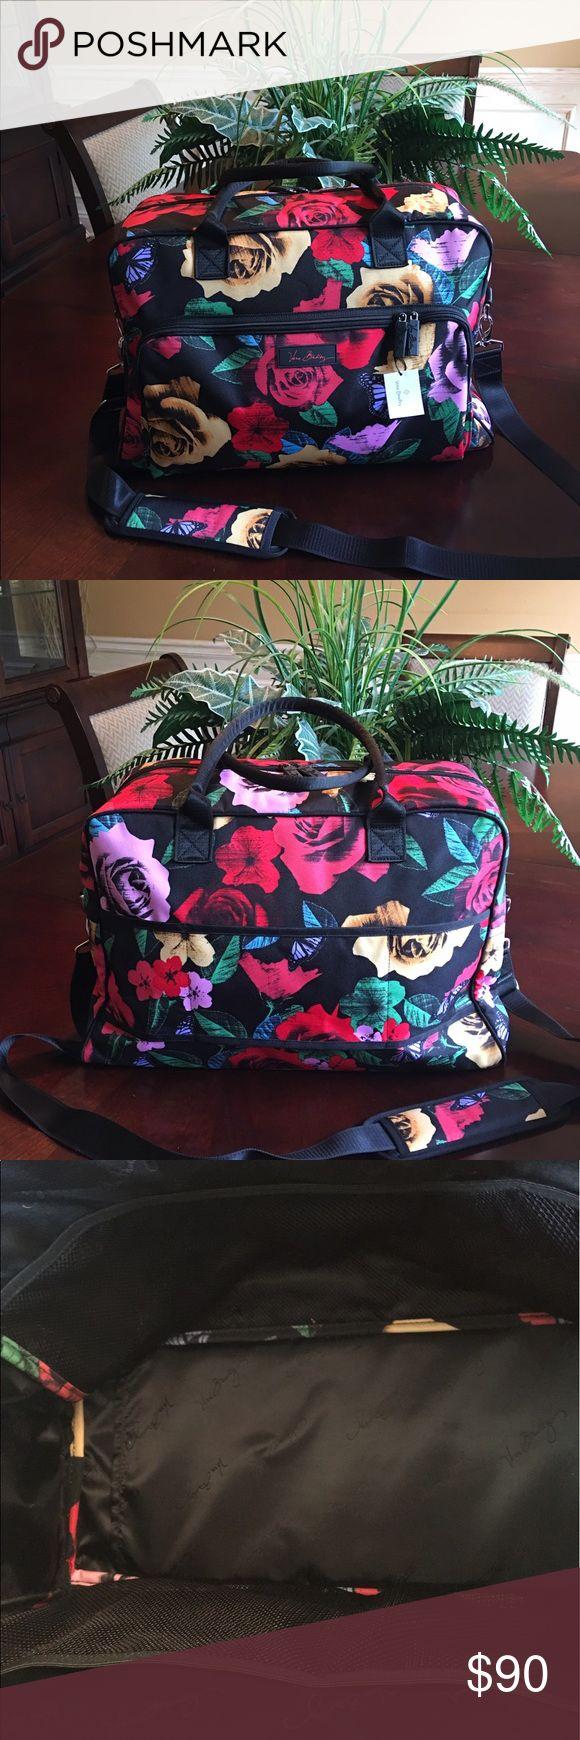 NWT Vera Bradley Havana Rose Weekender 2017 NWT Vera Bradley Havana Rose Weekender Bag 2017 Summer Pattern Vera Bradley Weekender Vera Bradley Bags Travel Bags